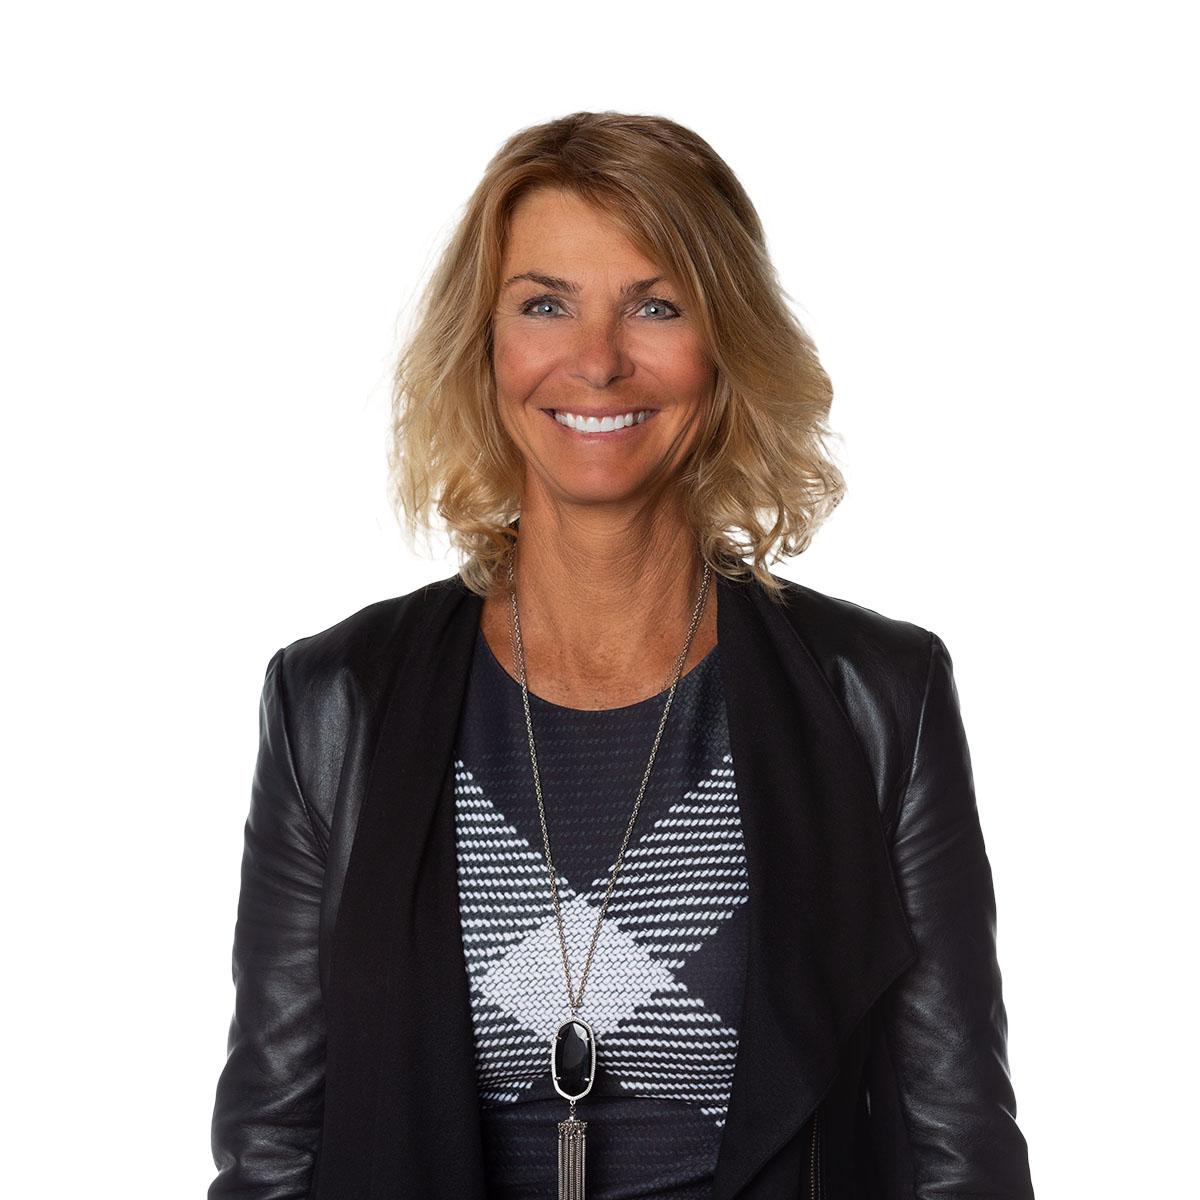 Debbie Nelson